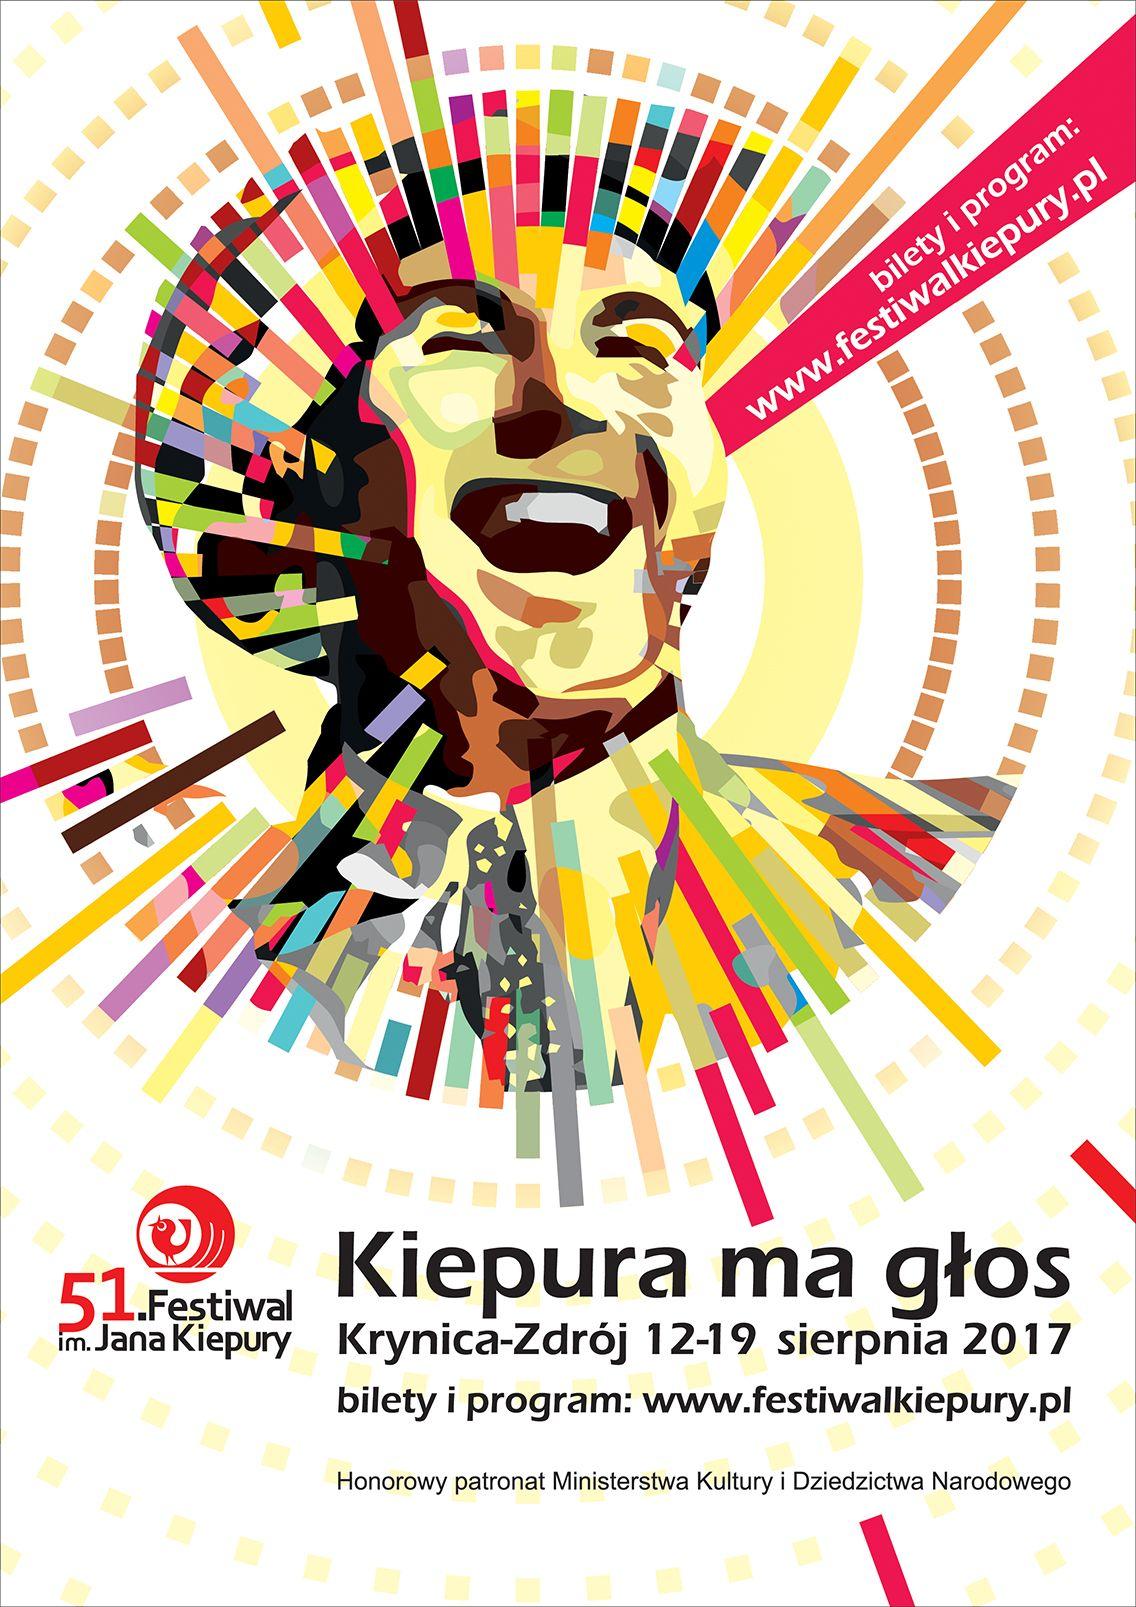 51. Festiwal im. Jana Kiepury w Krynicy-Zdroju (źródło: materiały prasowe)